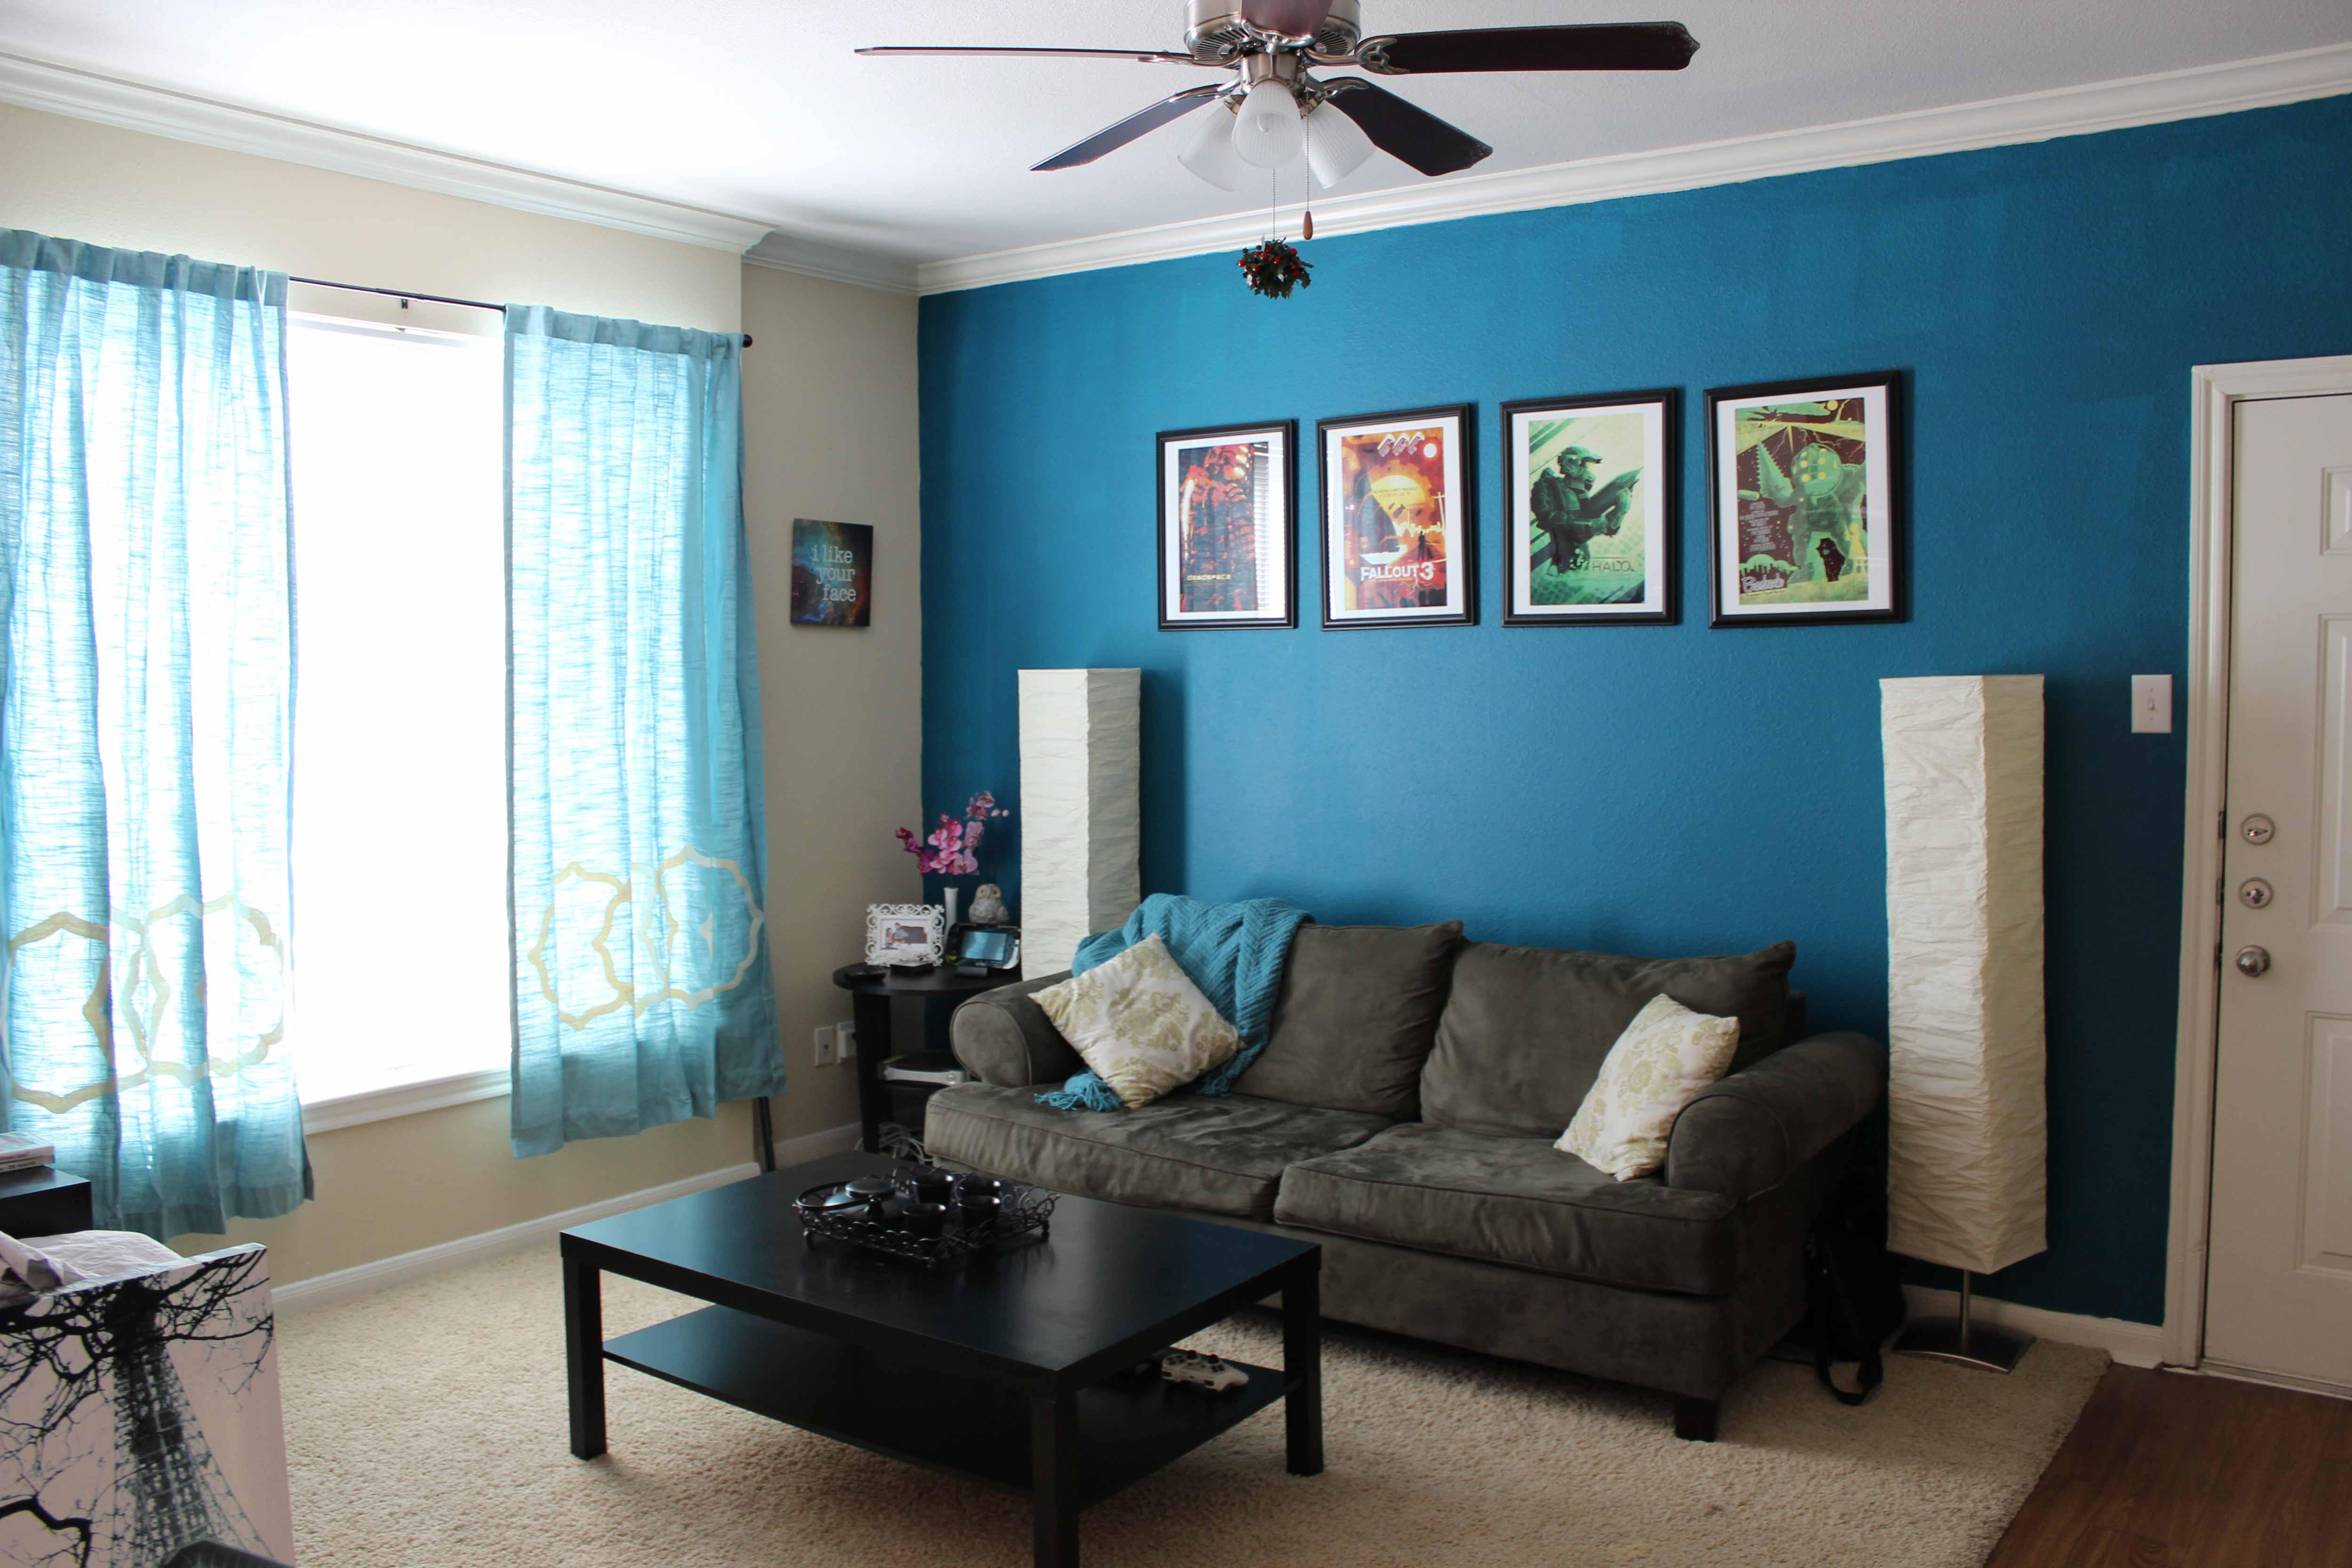 Интерьер зала с синими обоями